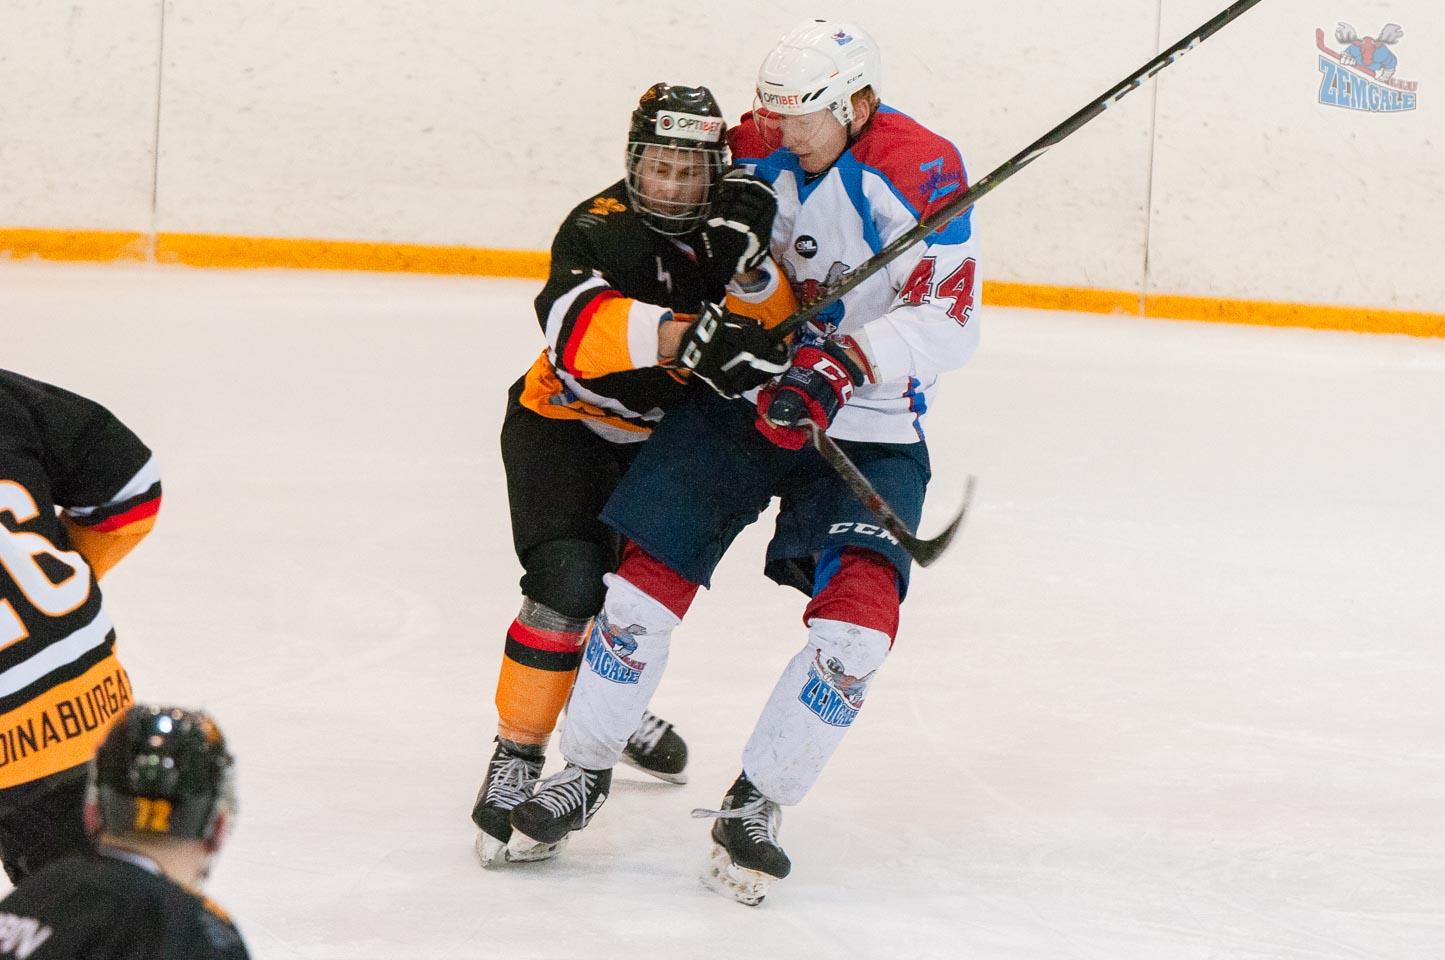 Hokejista spēka paņēmiens pret pretinieku